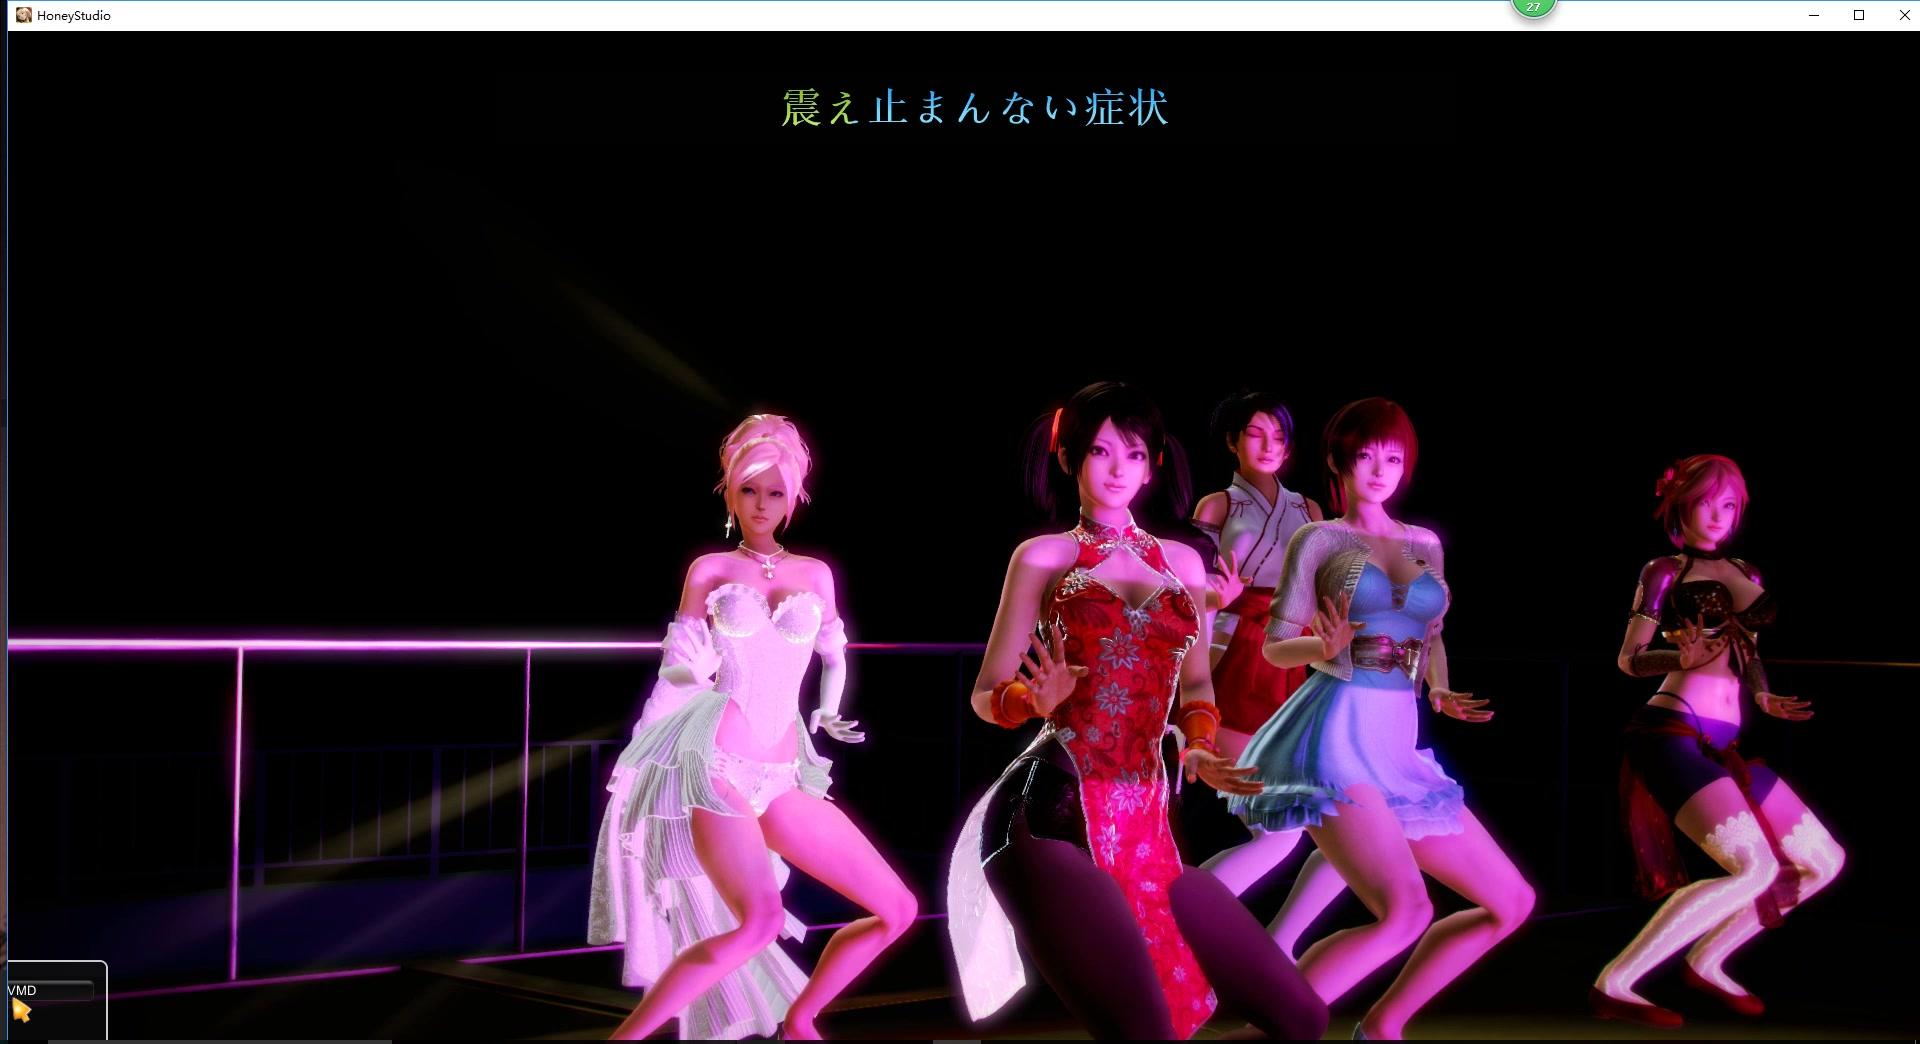 欢乐大天使系列《 honey》校园儿童舞蹈视频[好老师tv],图片尺寸:448图片